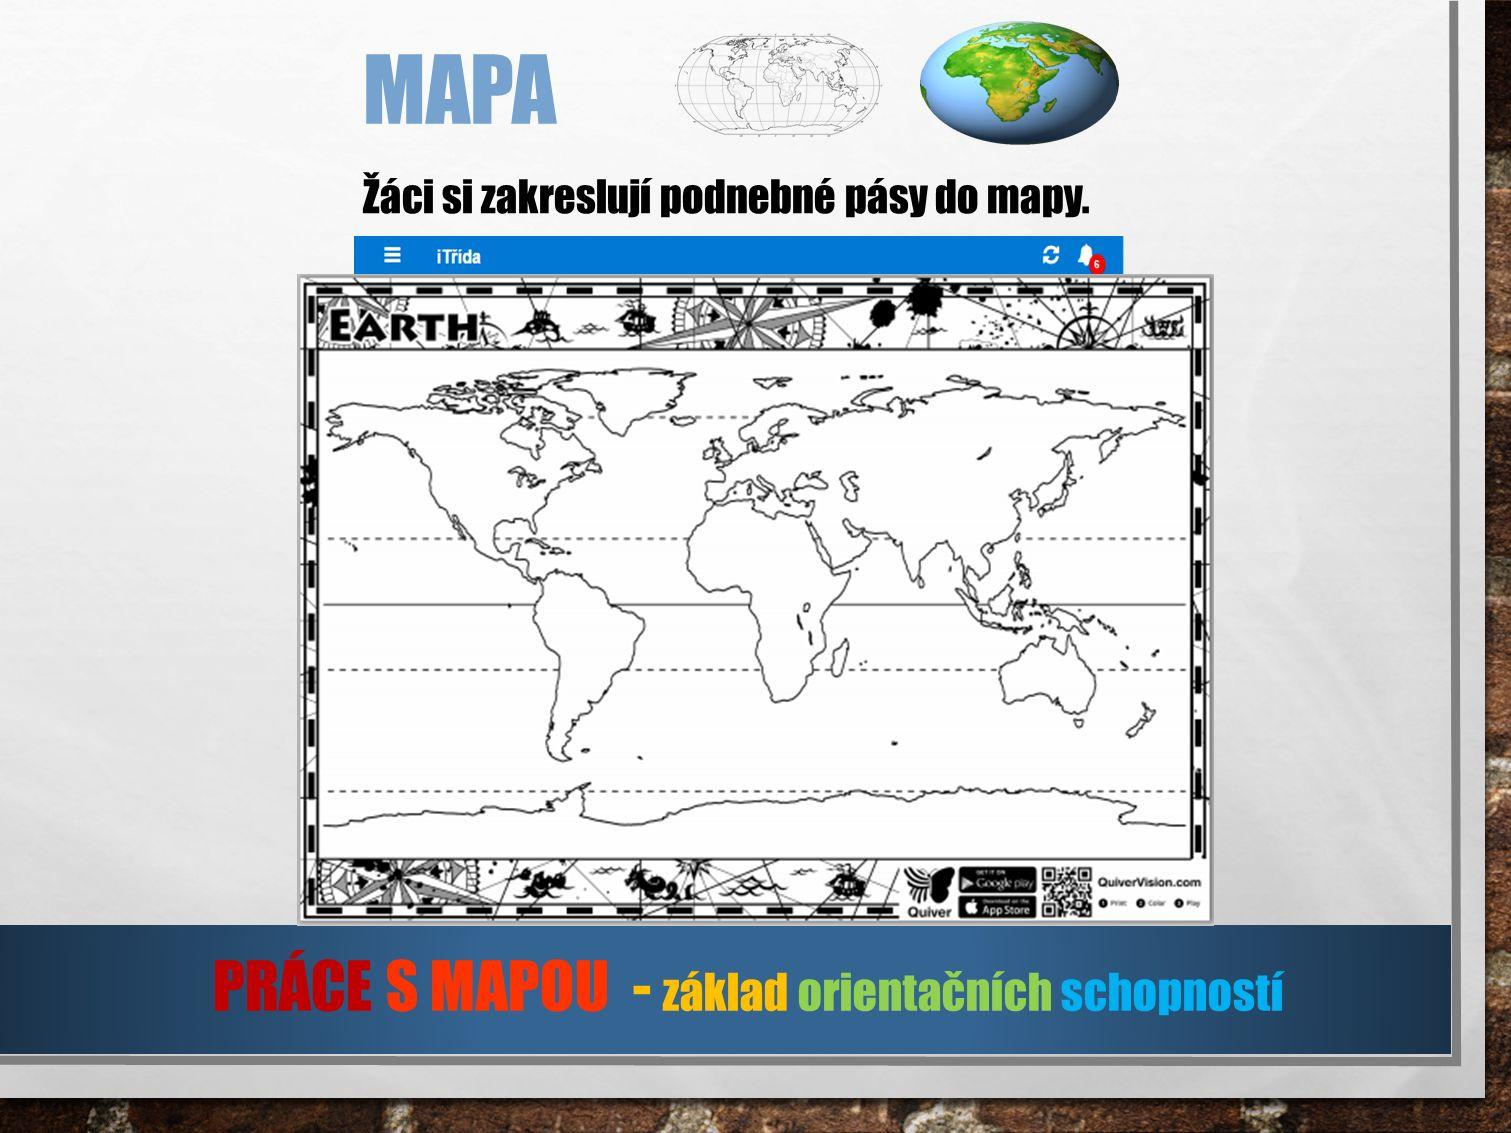 Žáci si zakreslují podnebné pásy do mapy. MAPA PRÁCE S MAPOU - základ orientačních schopností